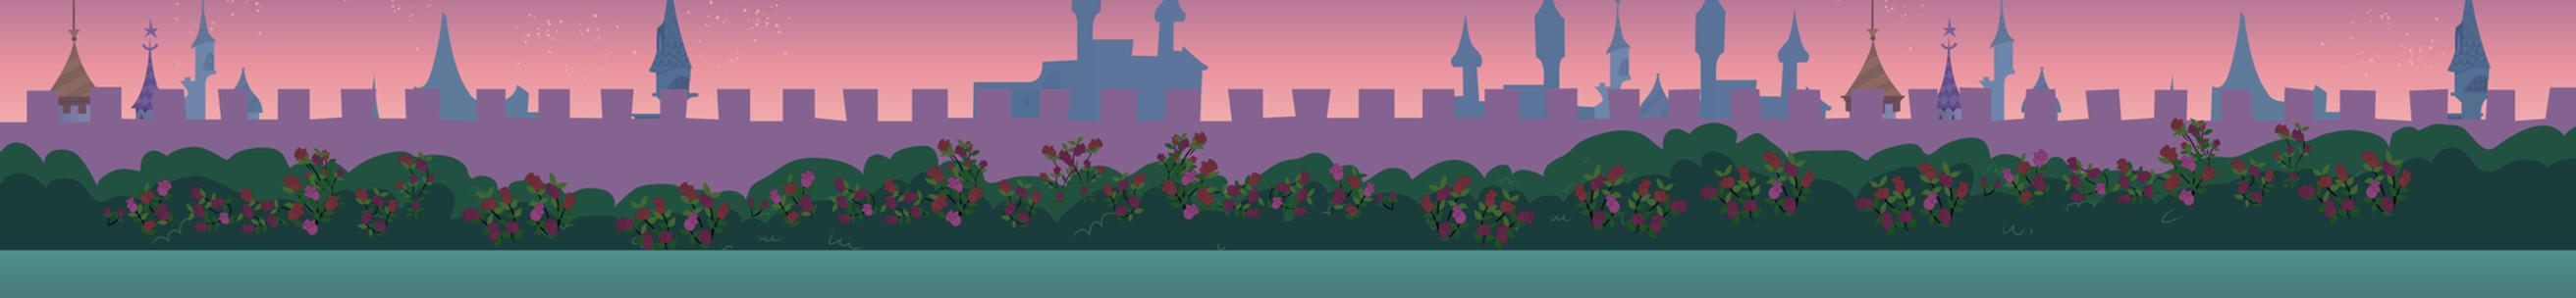 Canterlot Wedding Dance Gardens by Evilbob0